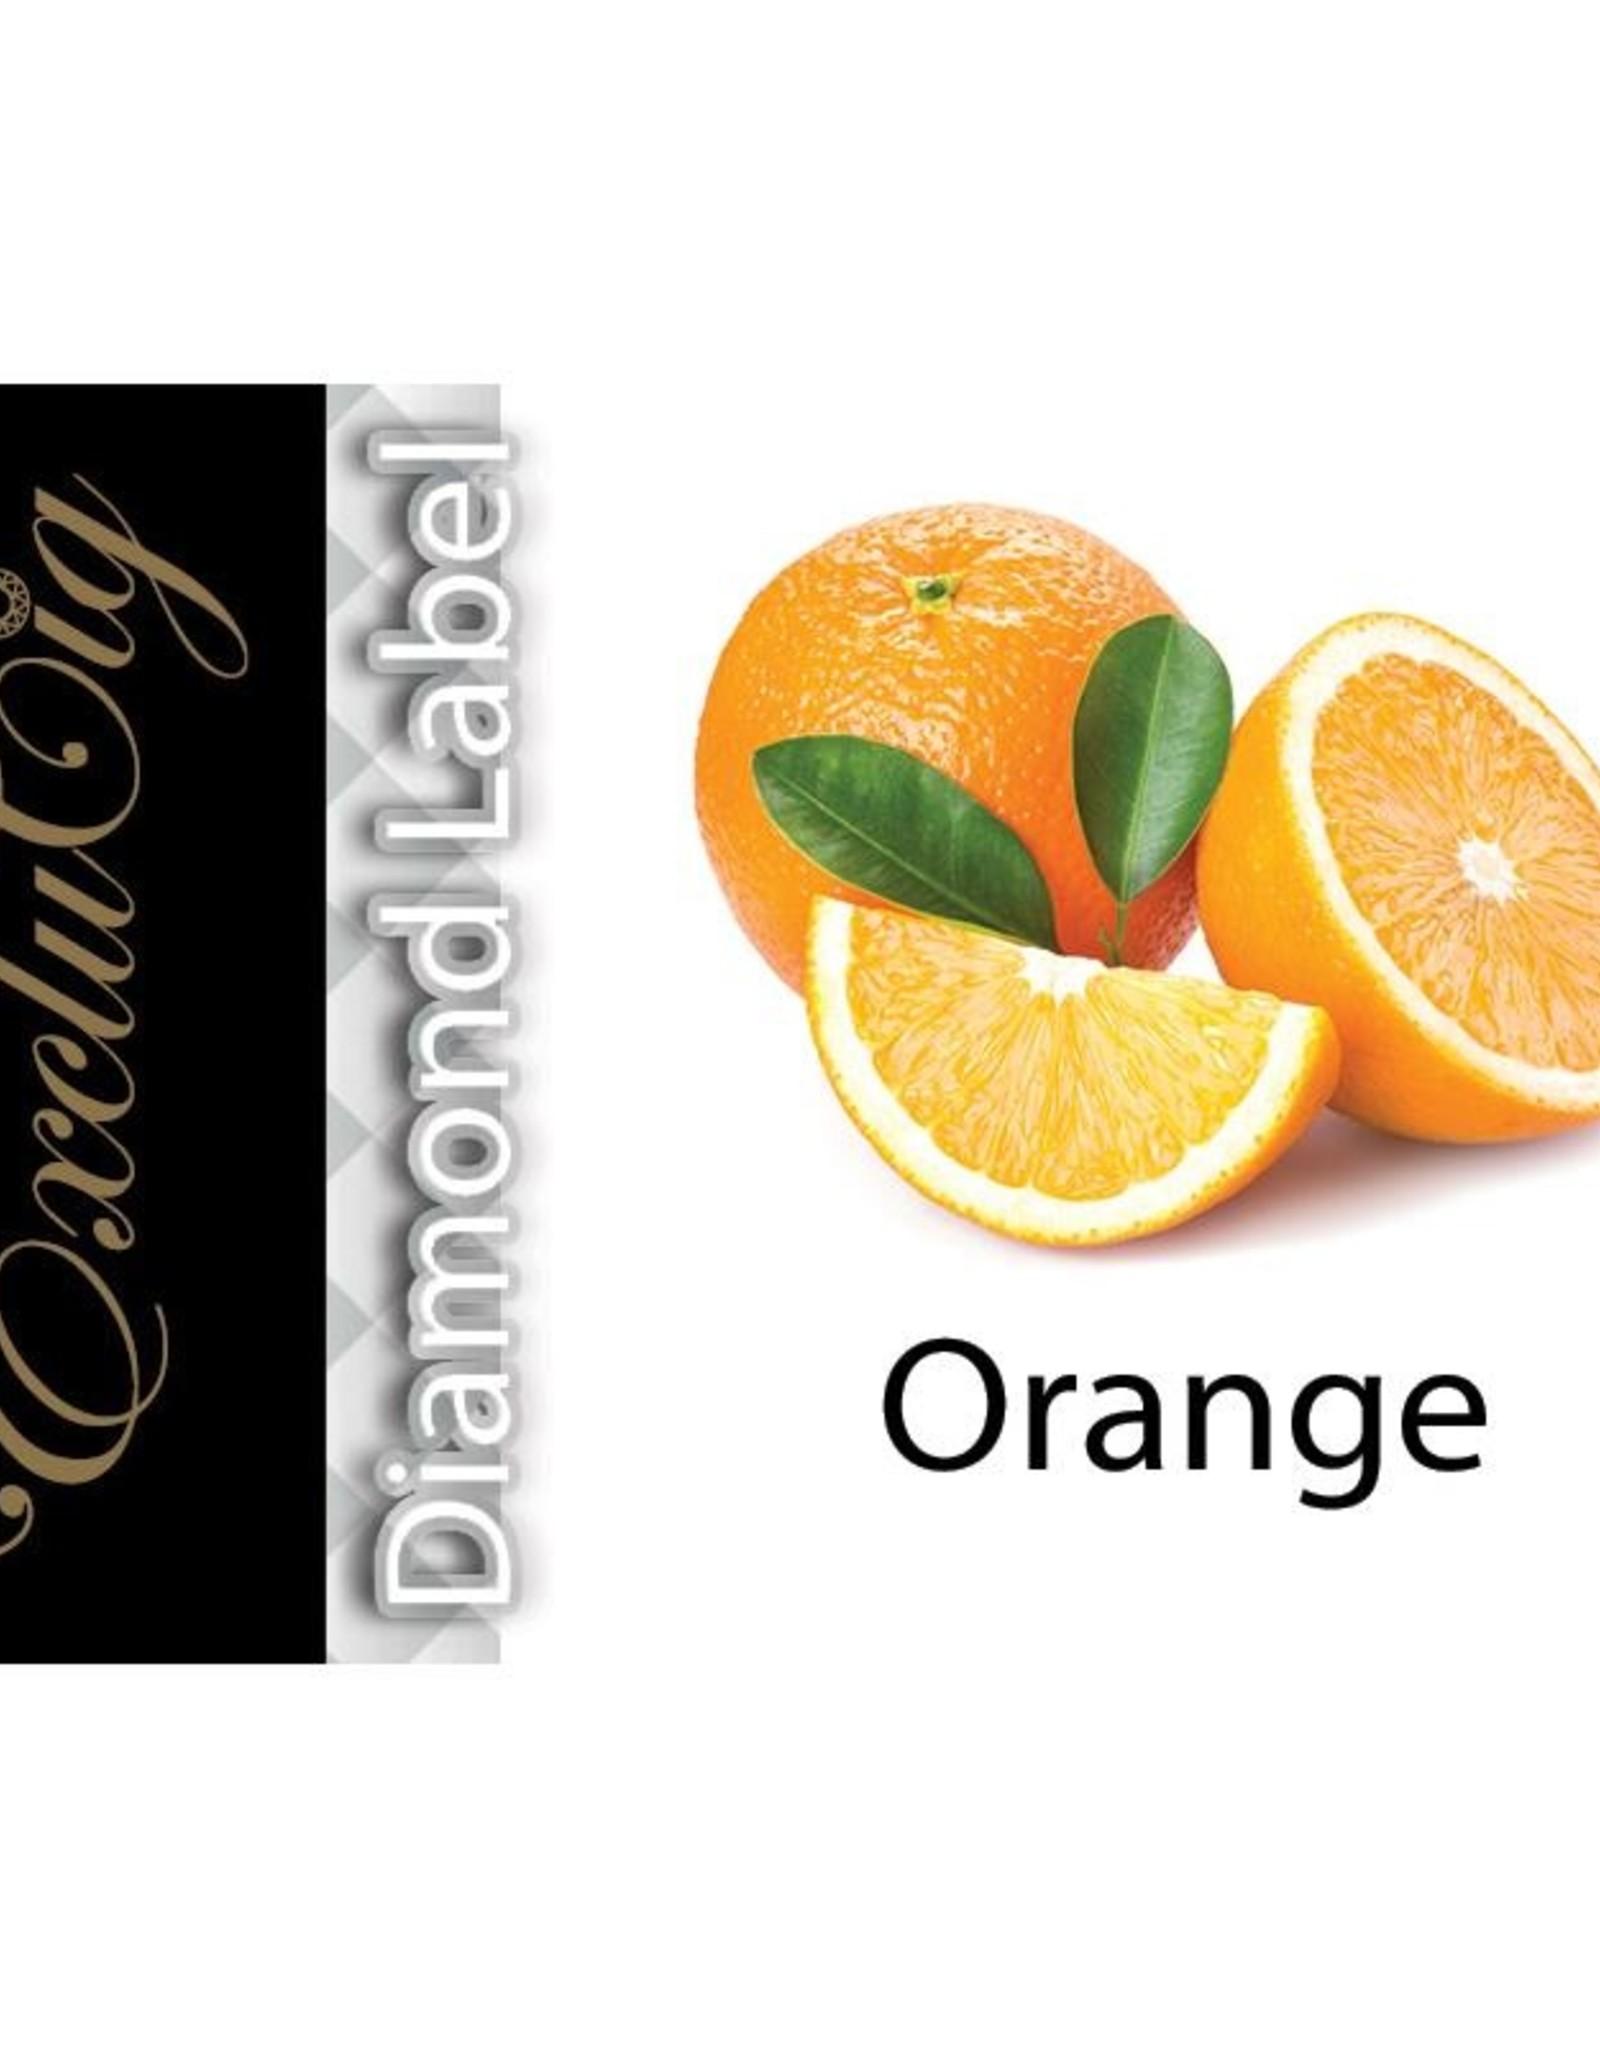 Exclucig Exclucig Diamond Label E-liquid Orange 3 mg Nicotine